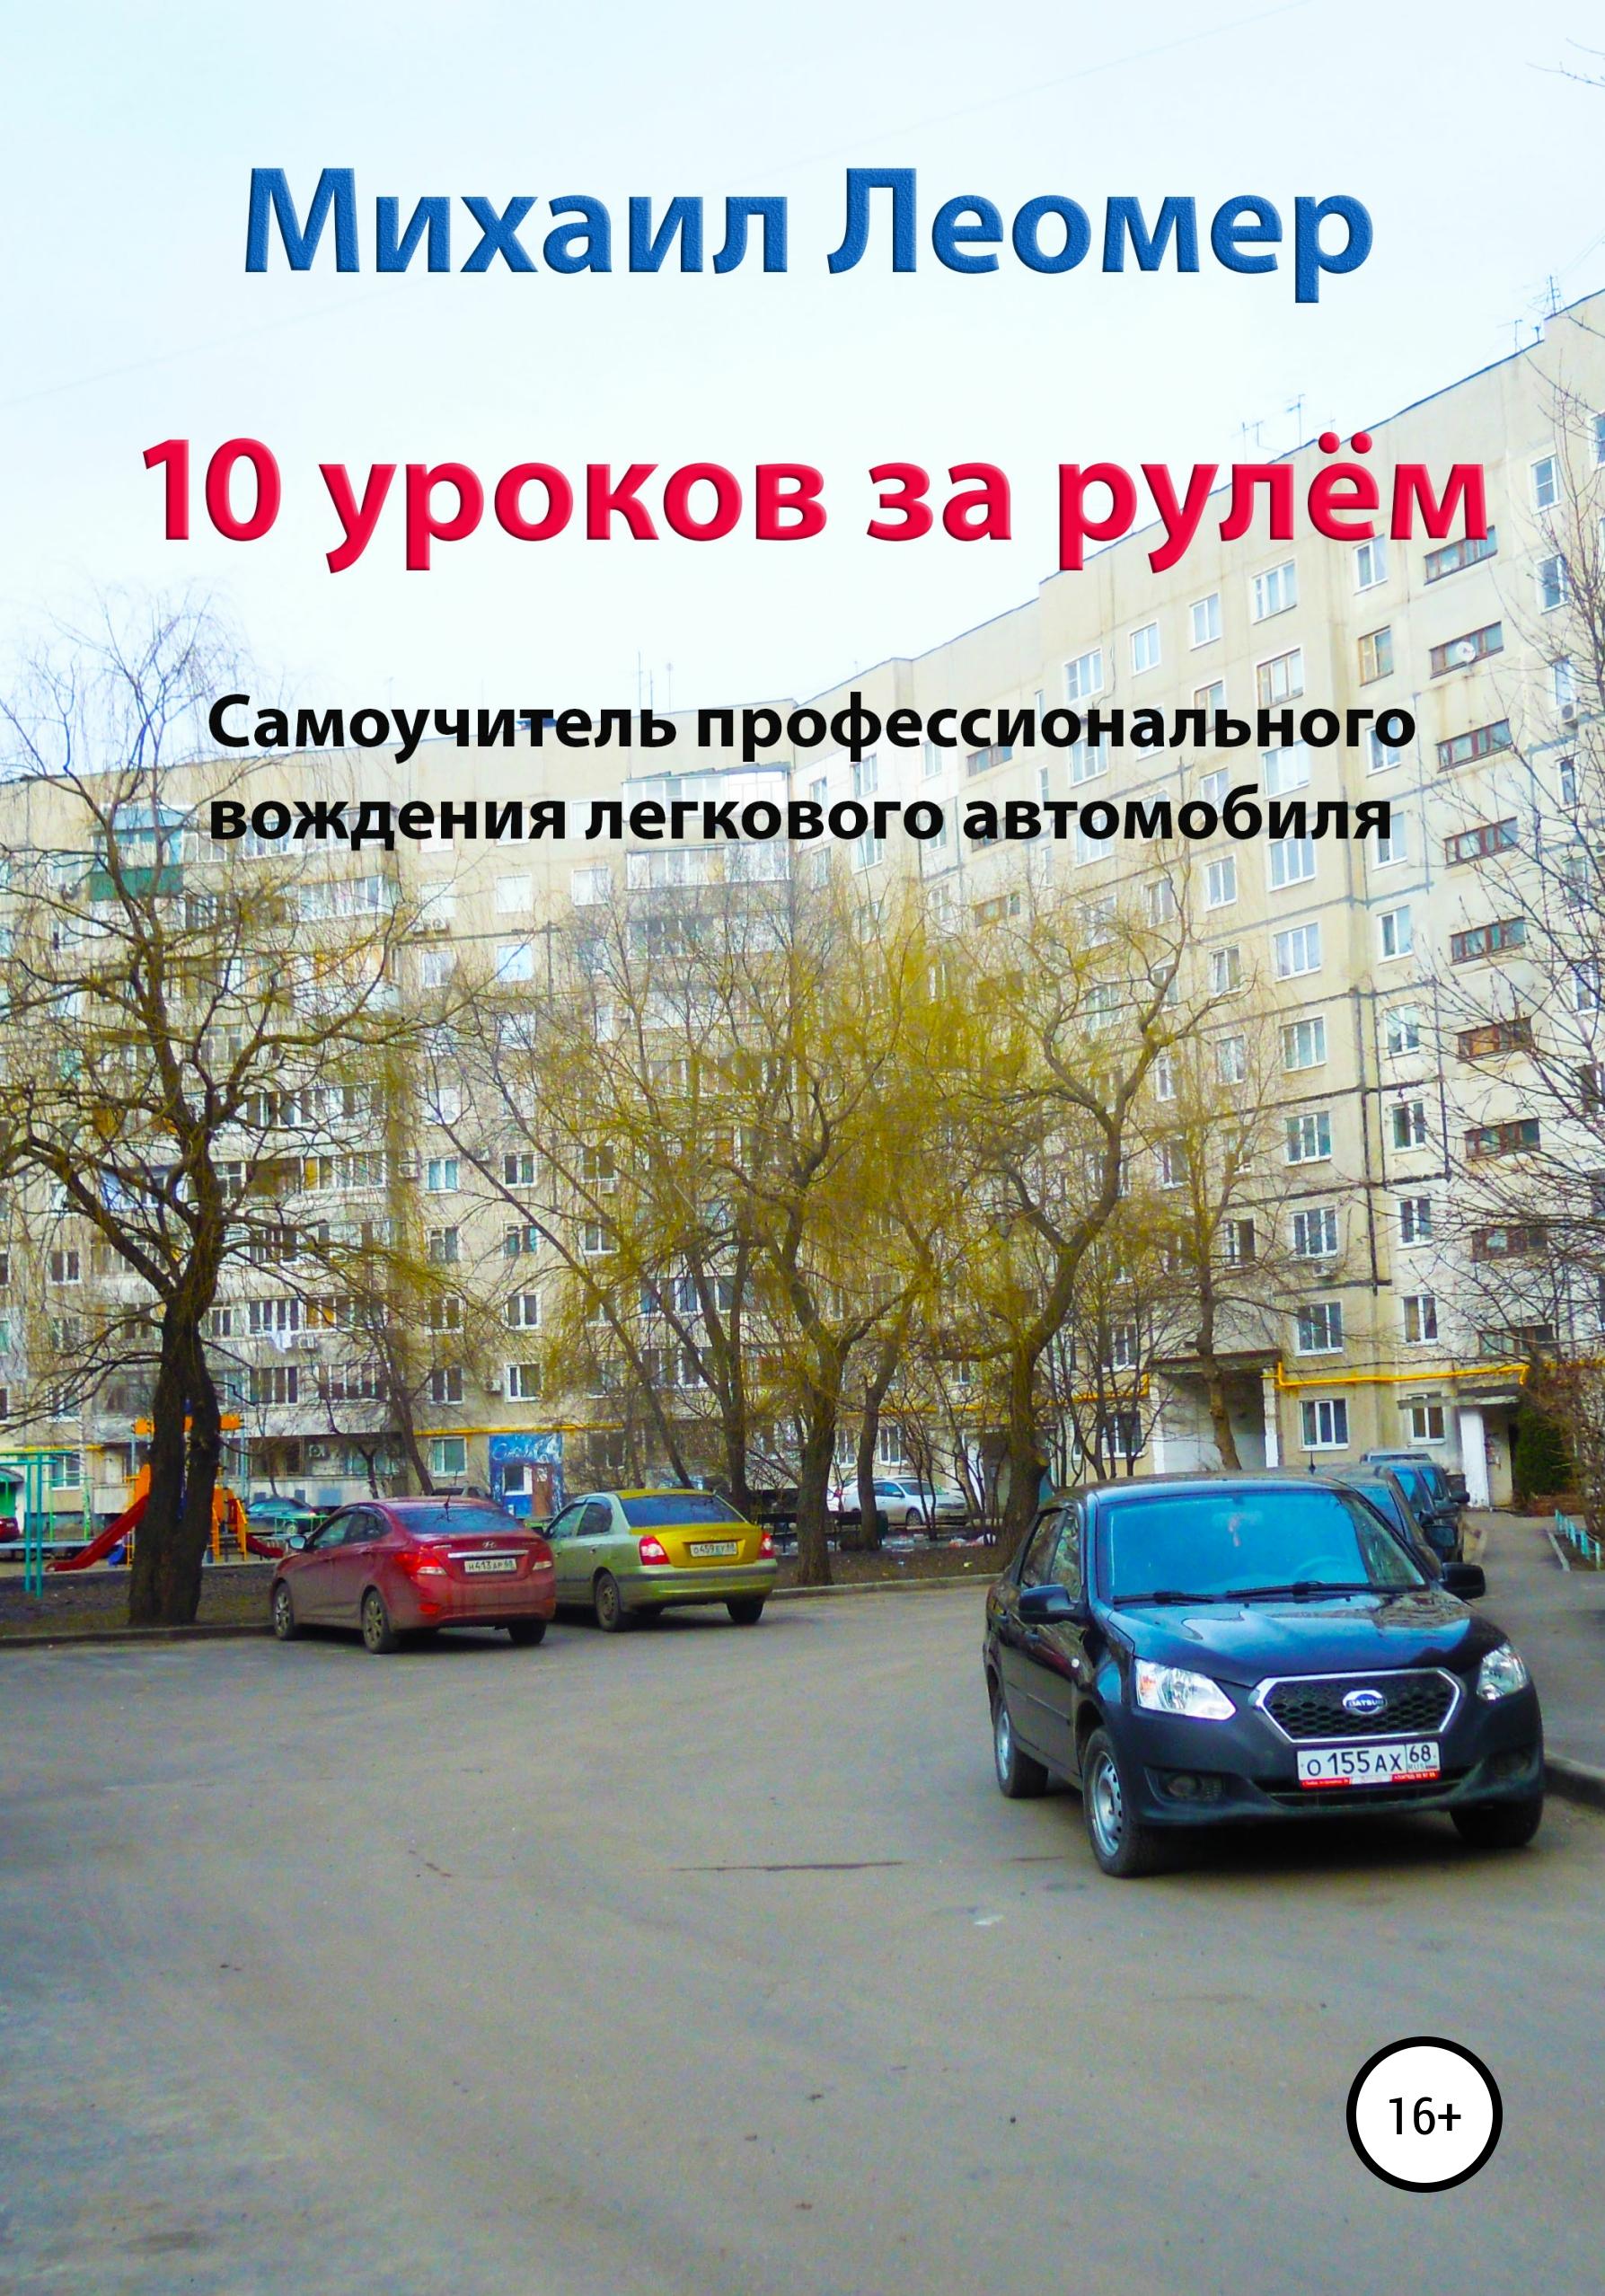 цена на Михаил Леомер 10 уроков за рулём. Самоучитель профессионального вождения легкового автомобиля